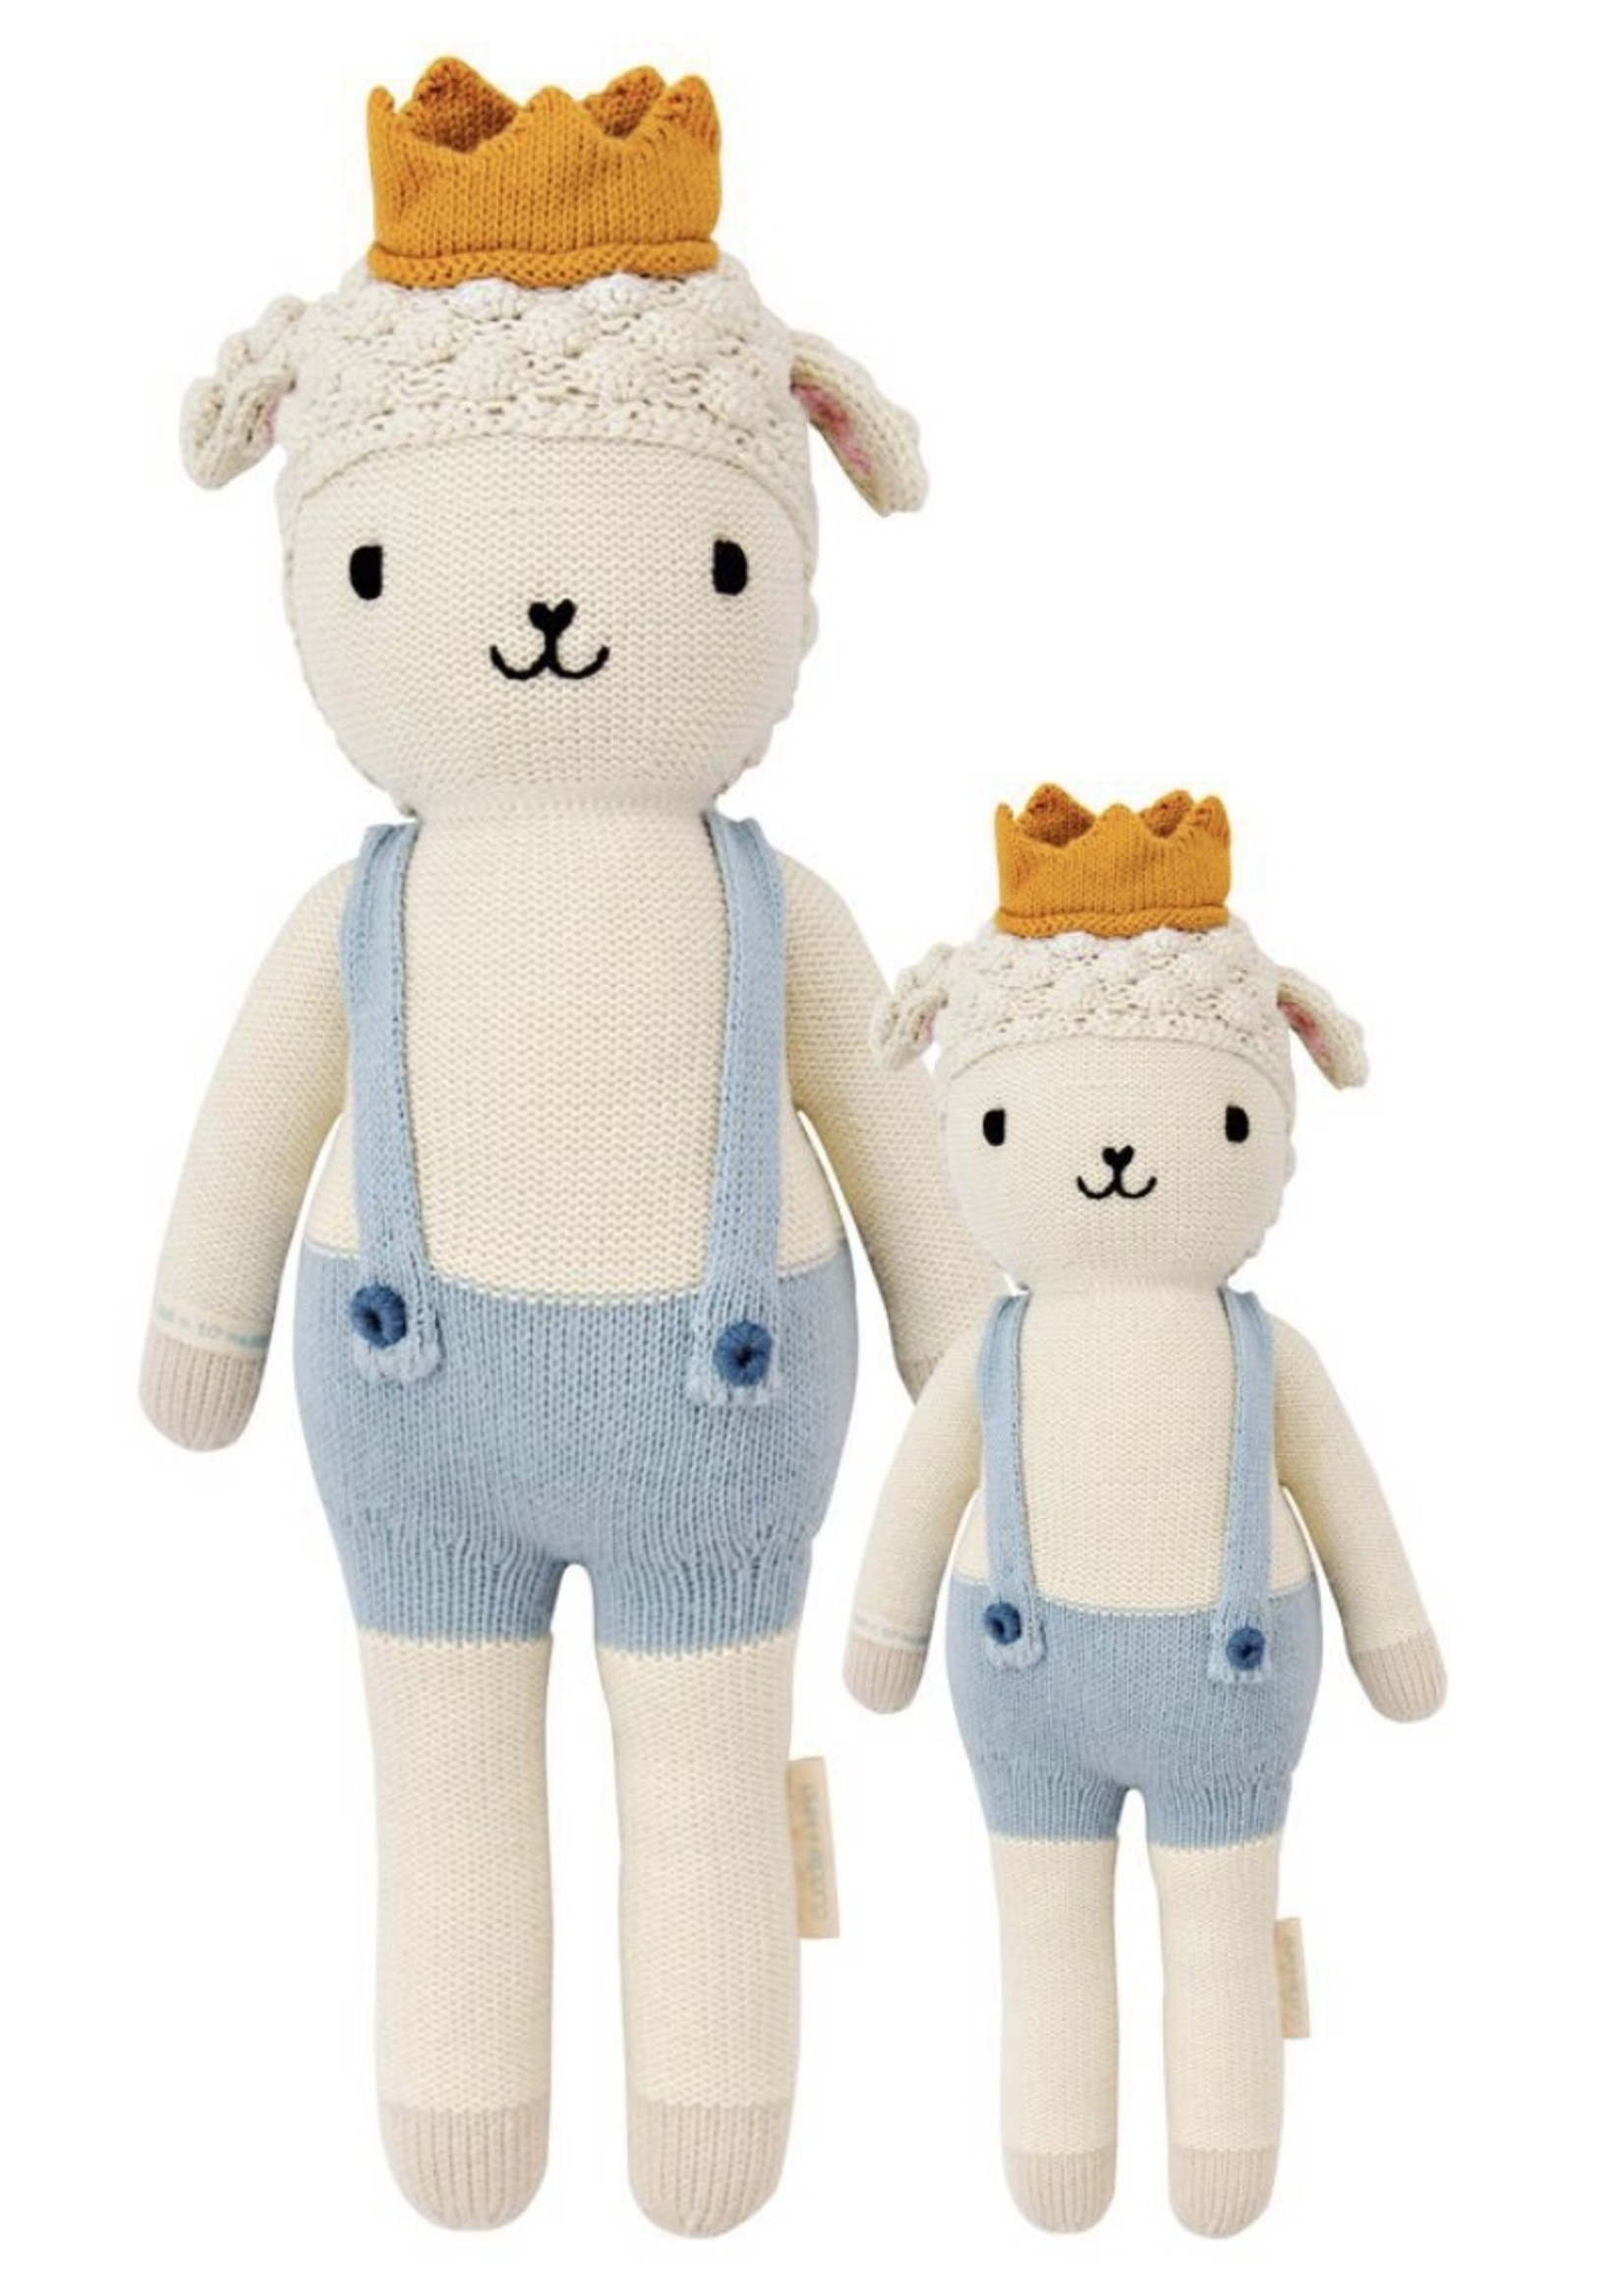 cuddle + kind Mini Lamb Knit Doll SEBASTIAN